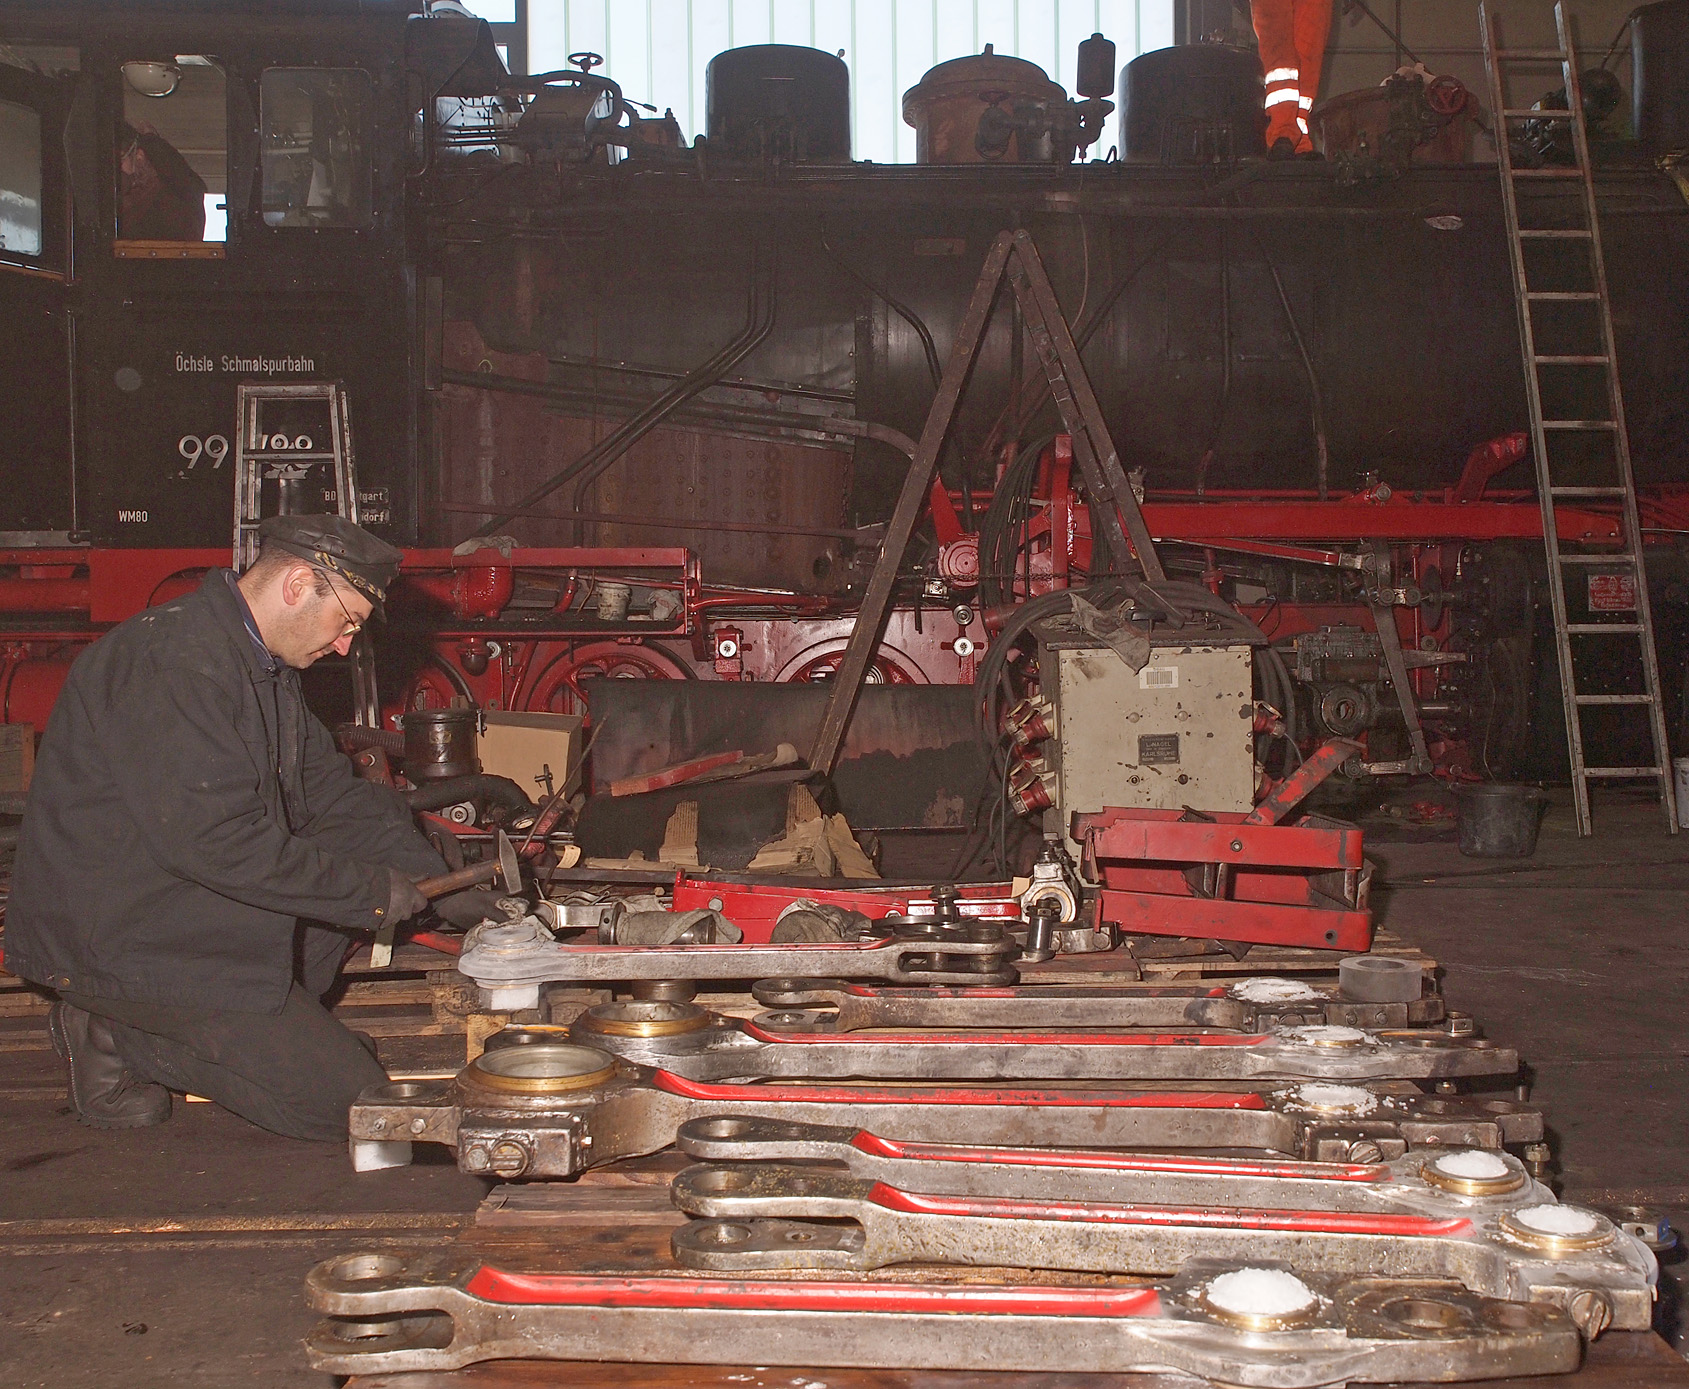 Trockeneis in der Dampflok-Werkstatt – Öchsle Museumsschmalspurbahn